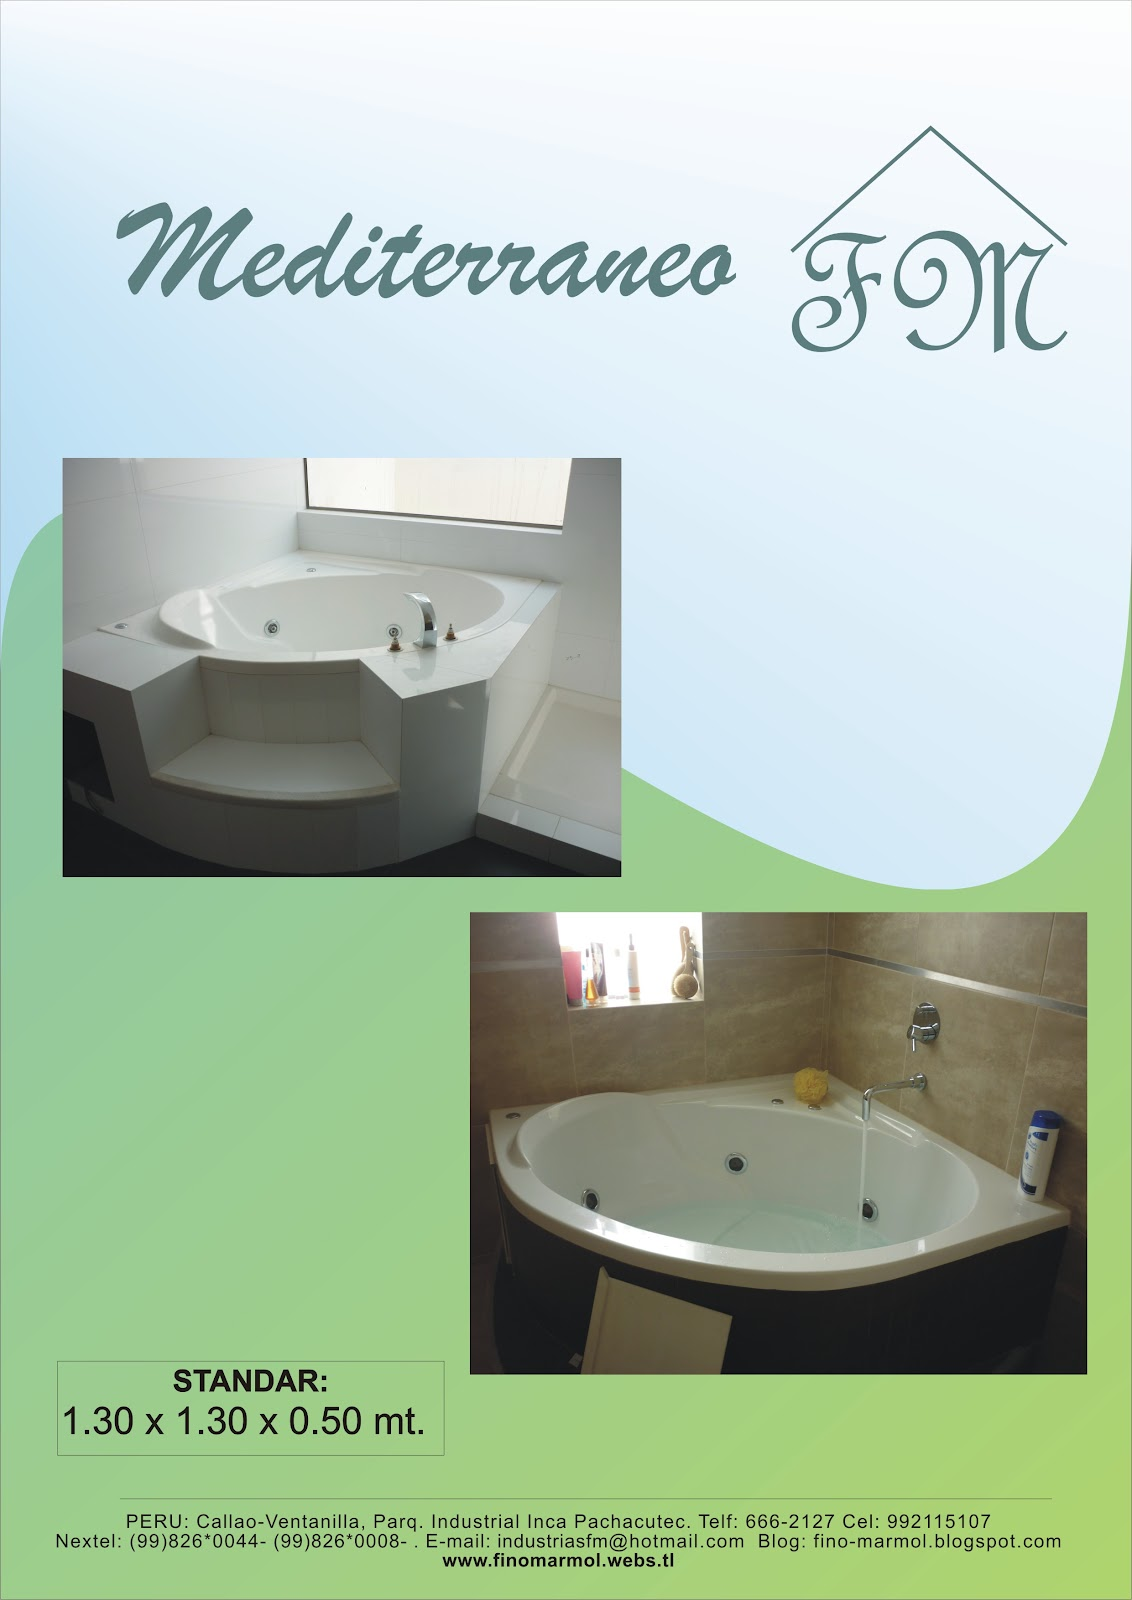 Medidas De Un Baño Con Tina:Tinas de baño FM: Tina de baño Mediterraneo Fino Marmol